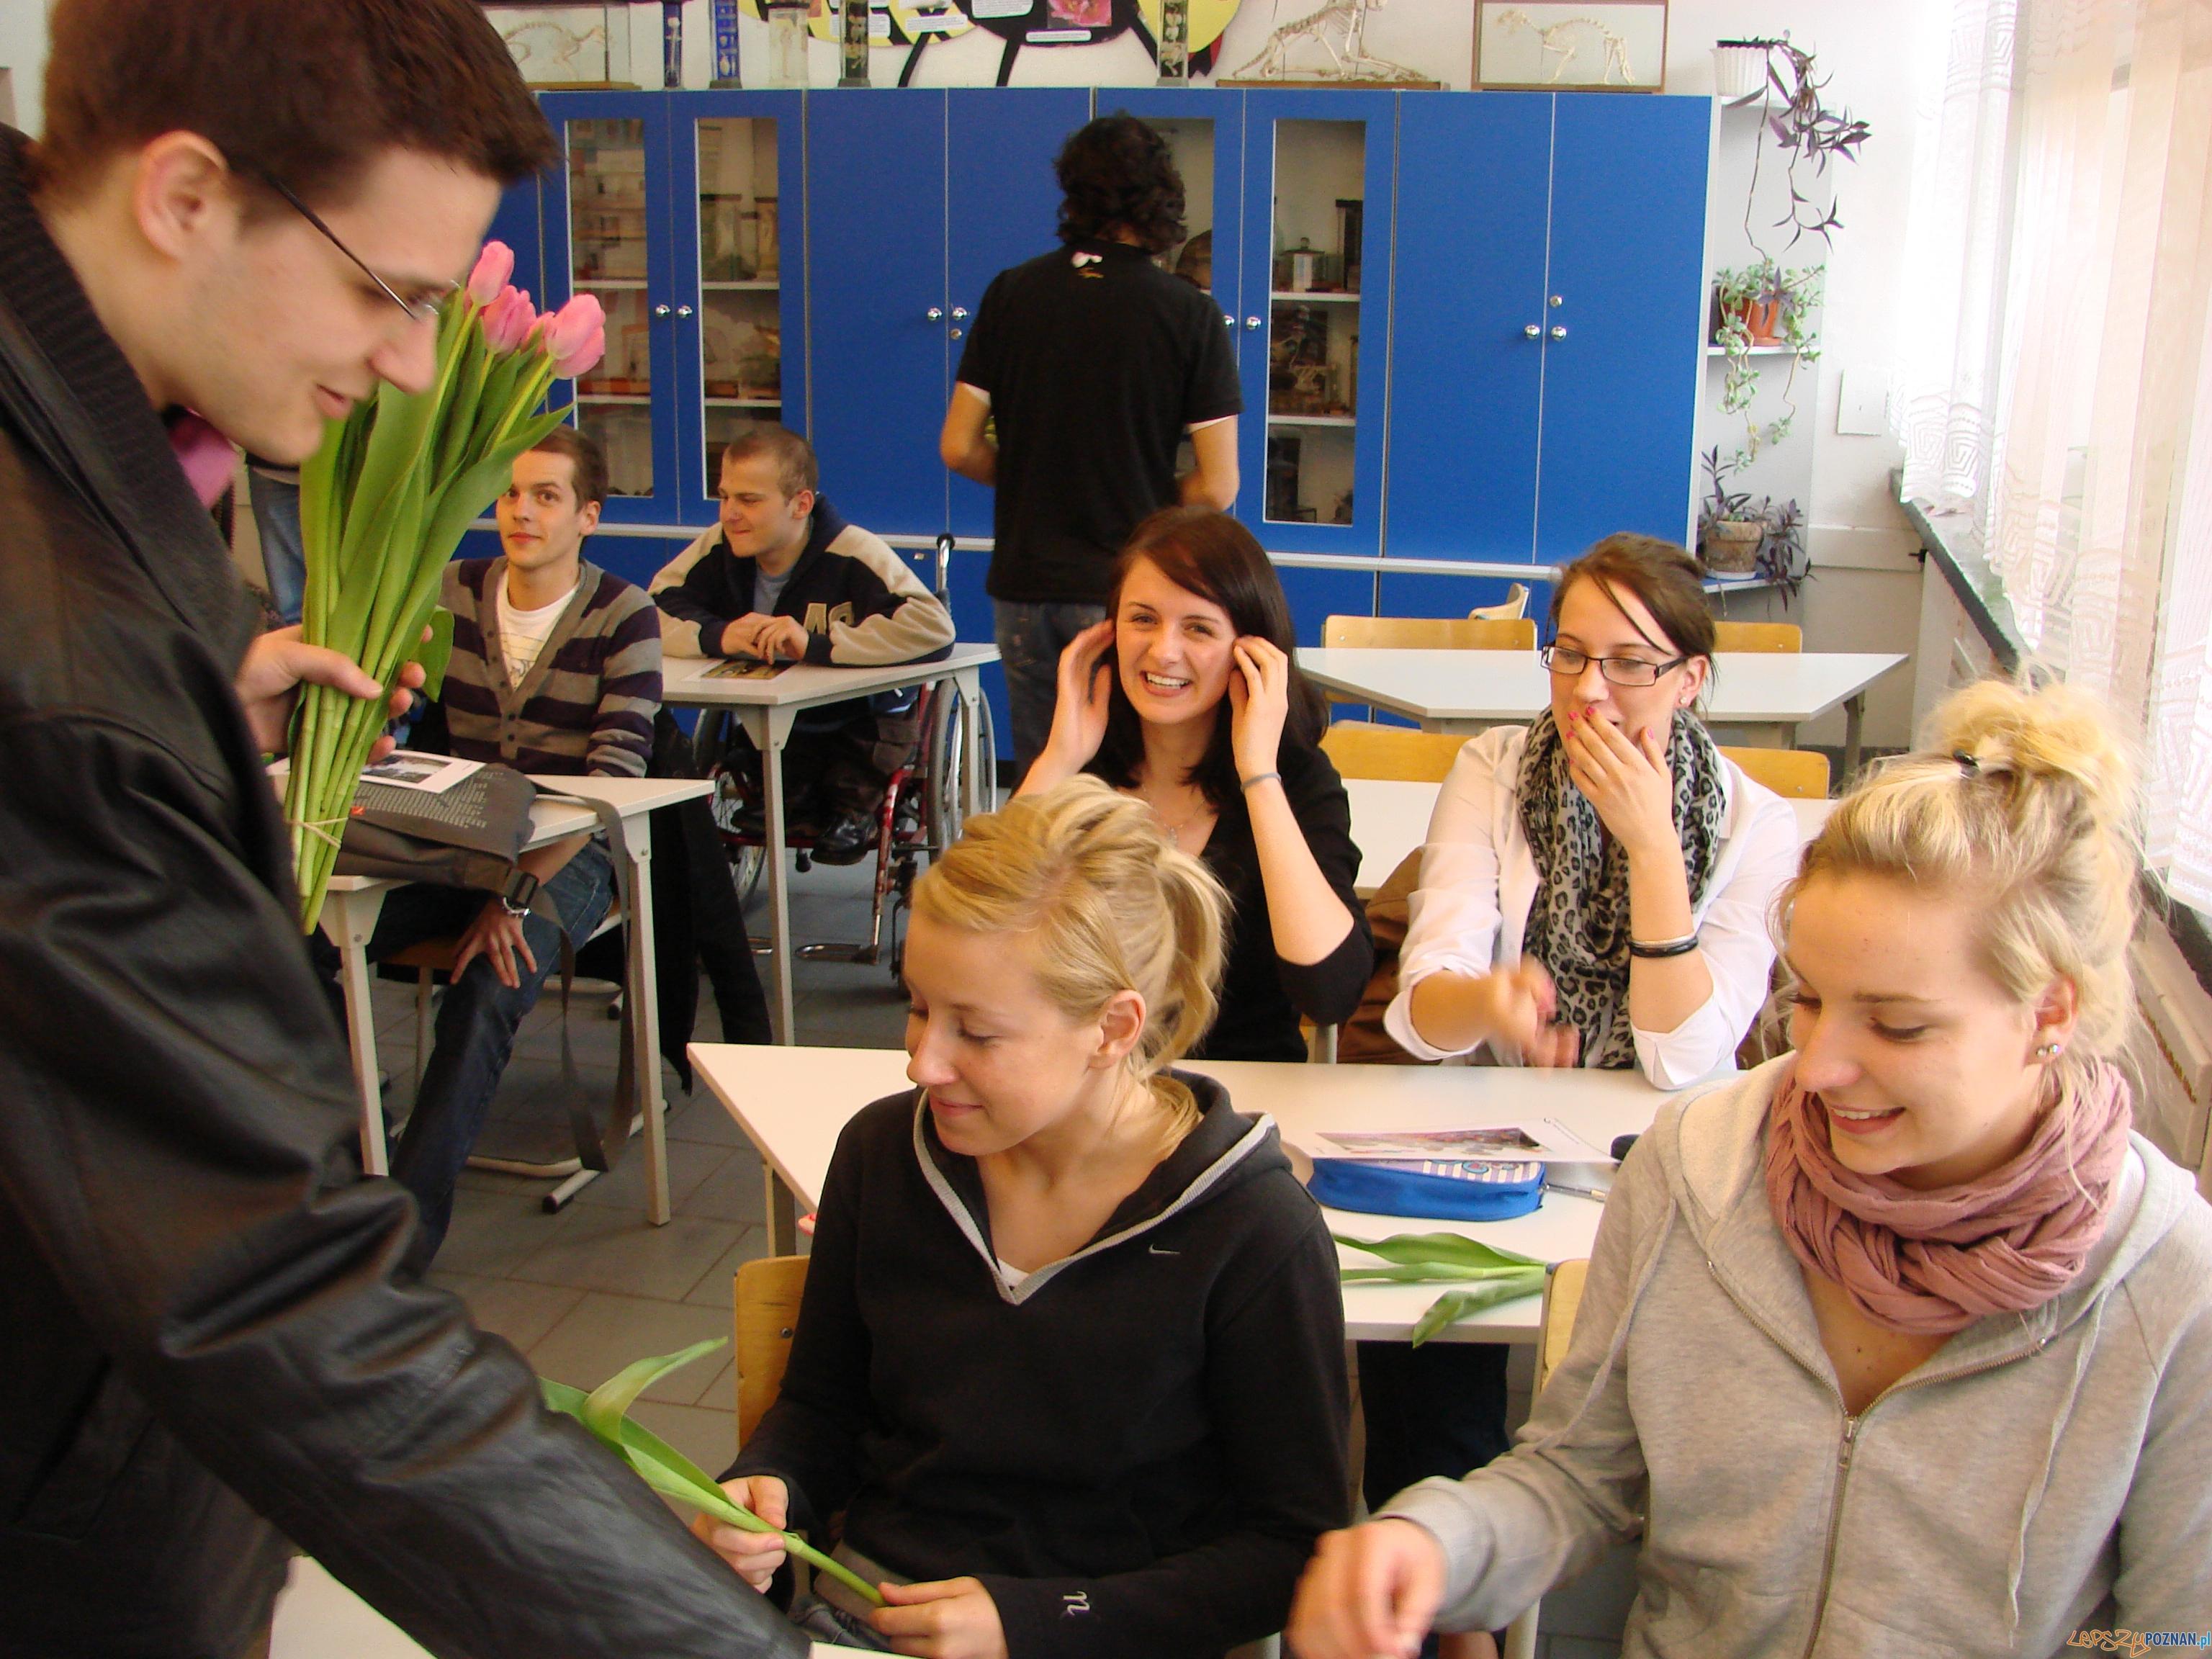 Dziewczyny na politechniki!  Foto: lepszyPOZNAN.pl / ag